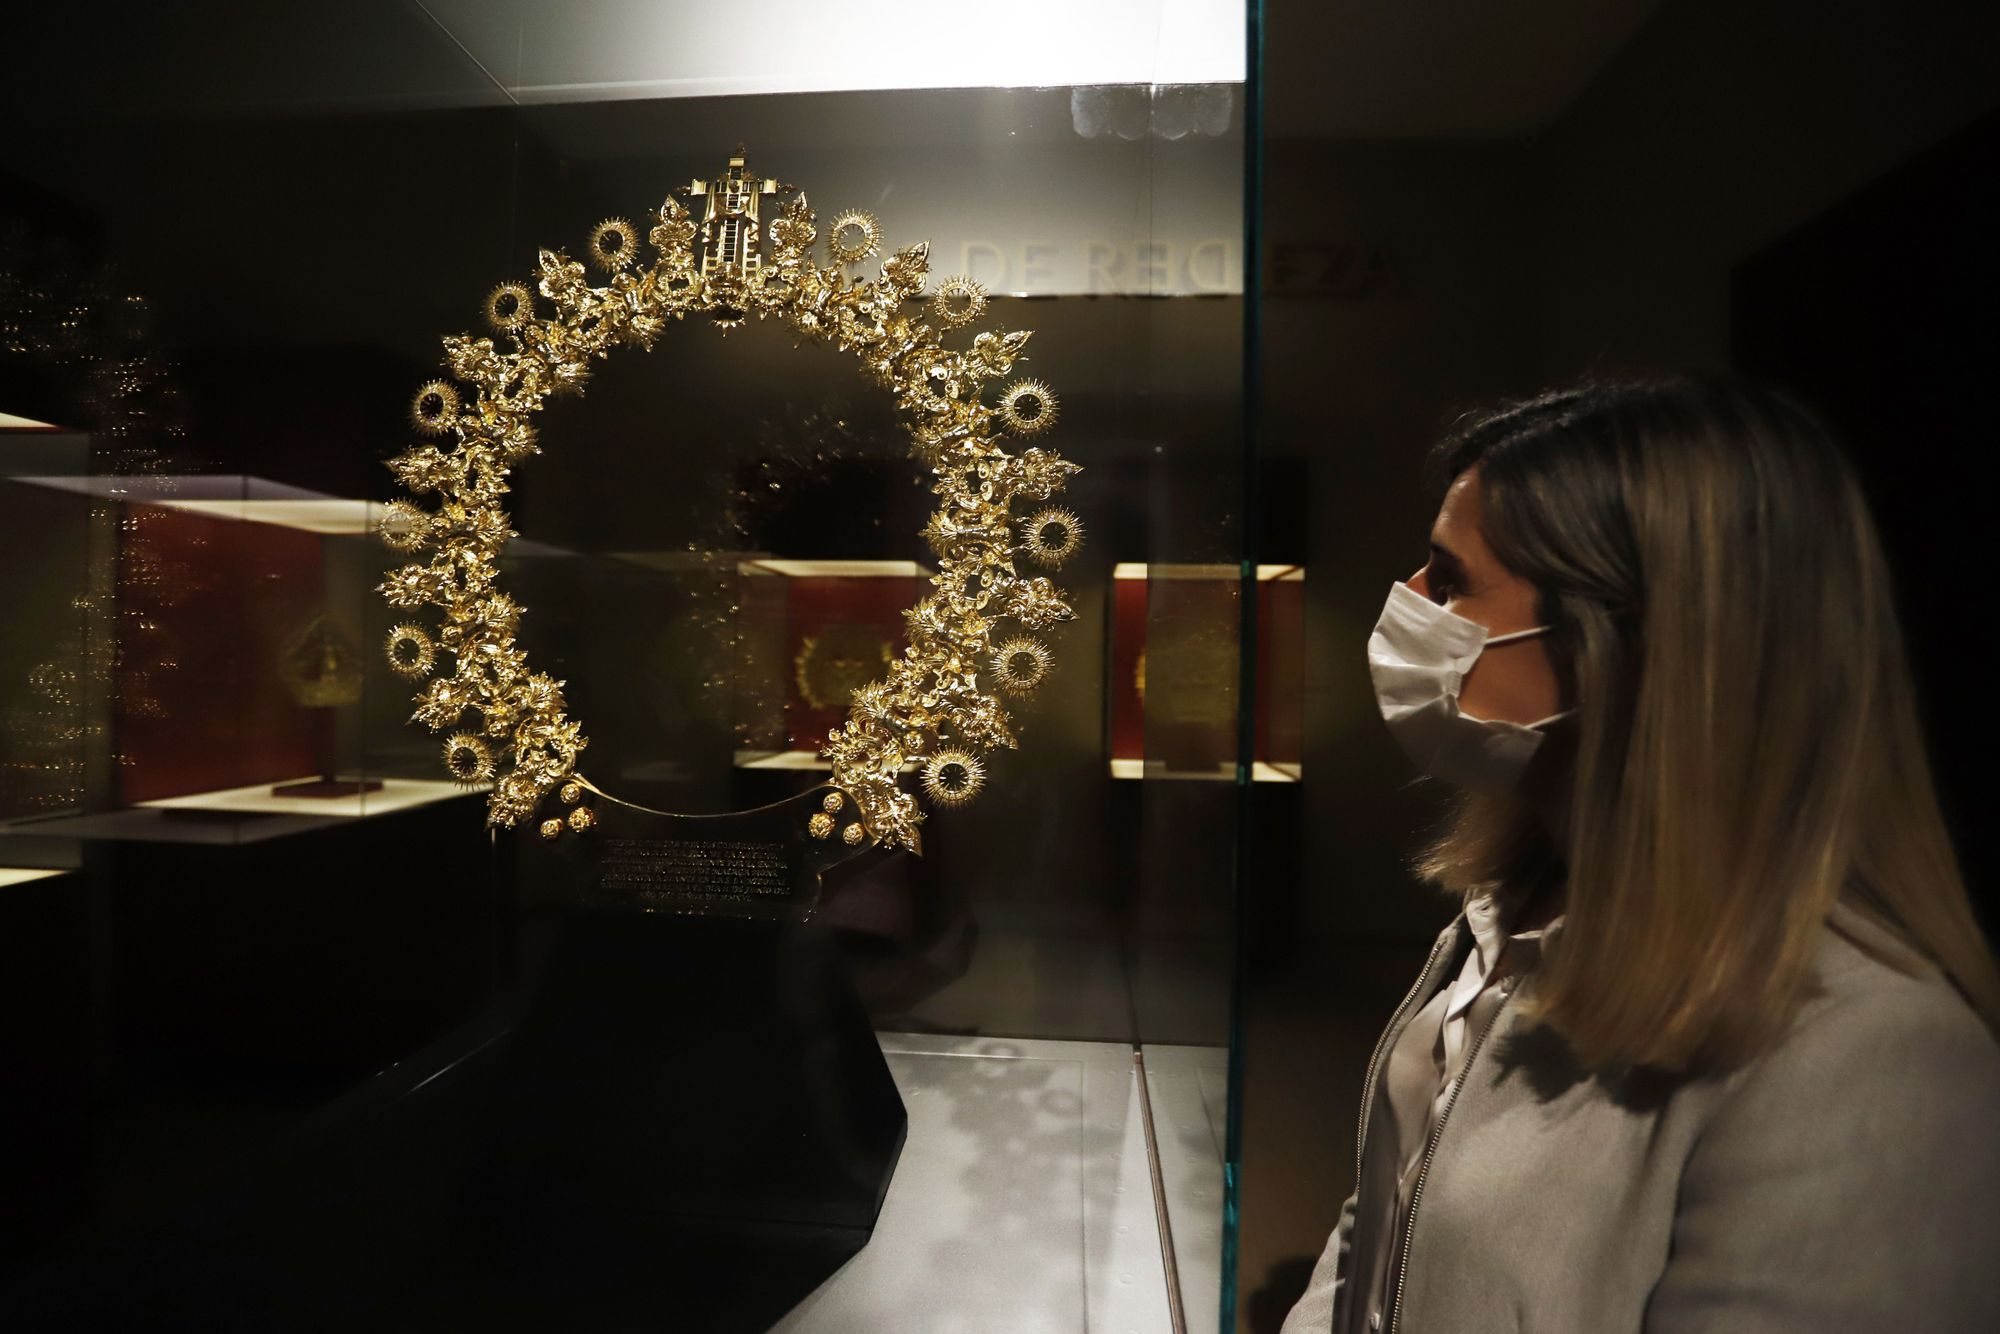 Exposición 'Cien años de esplendor' en el Palacio Episcopal